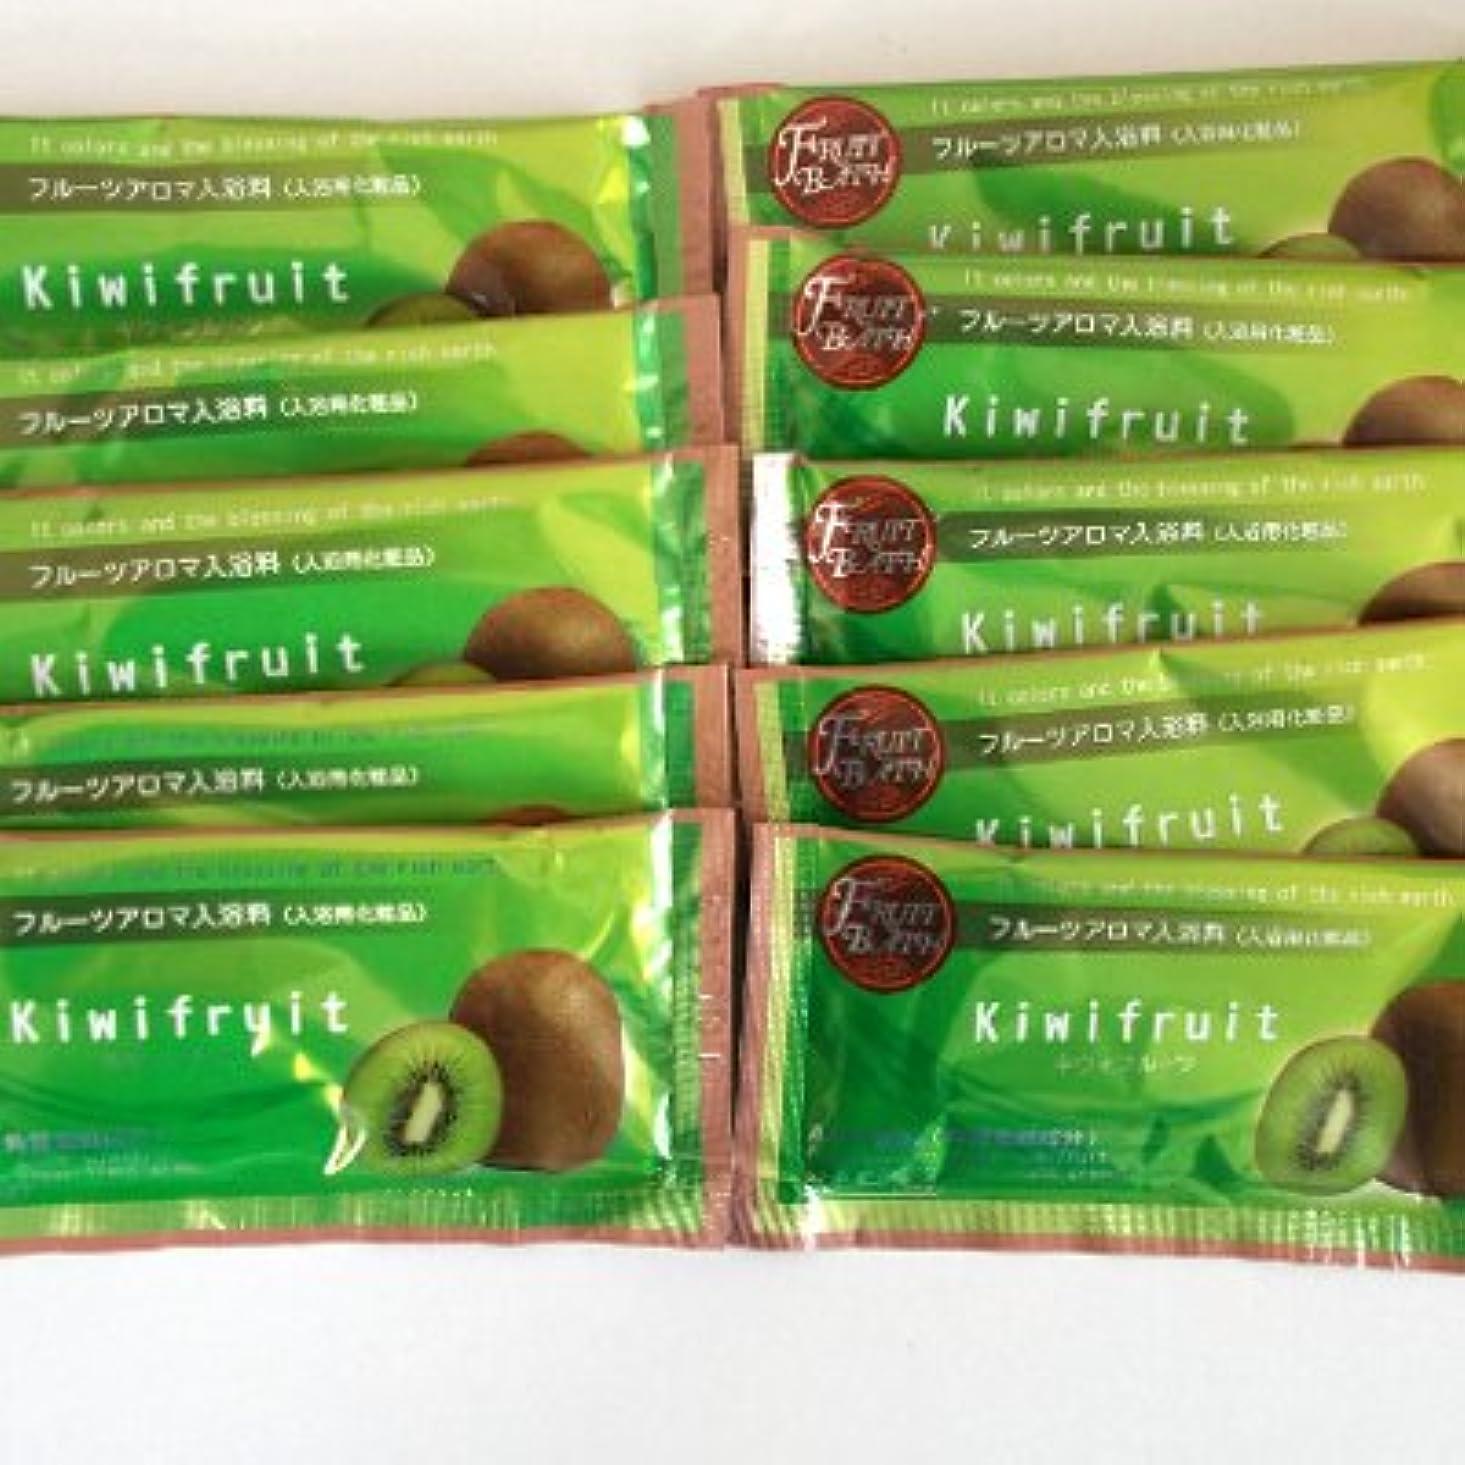 摂氏度礼拝無傷フルーツアロマ入浴剤 キウイフルーツの香り 10包セット